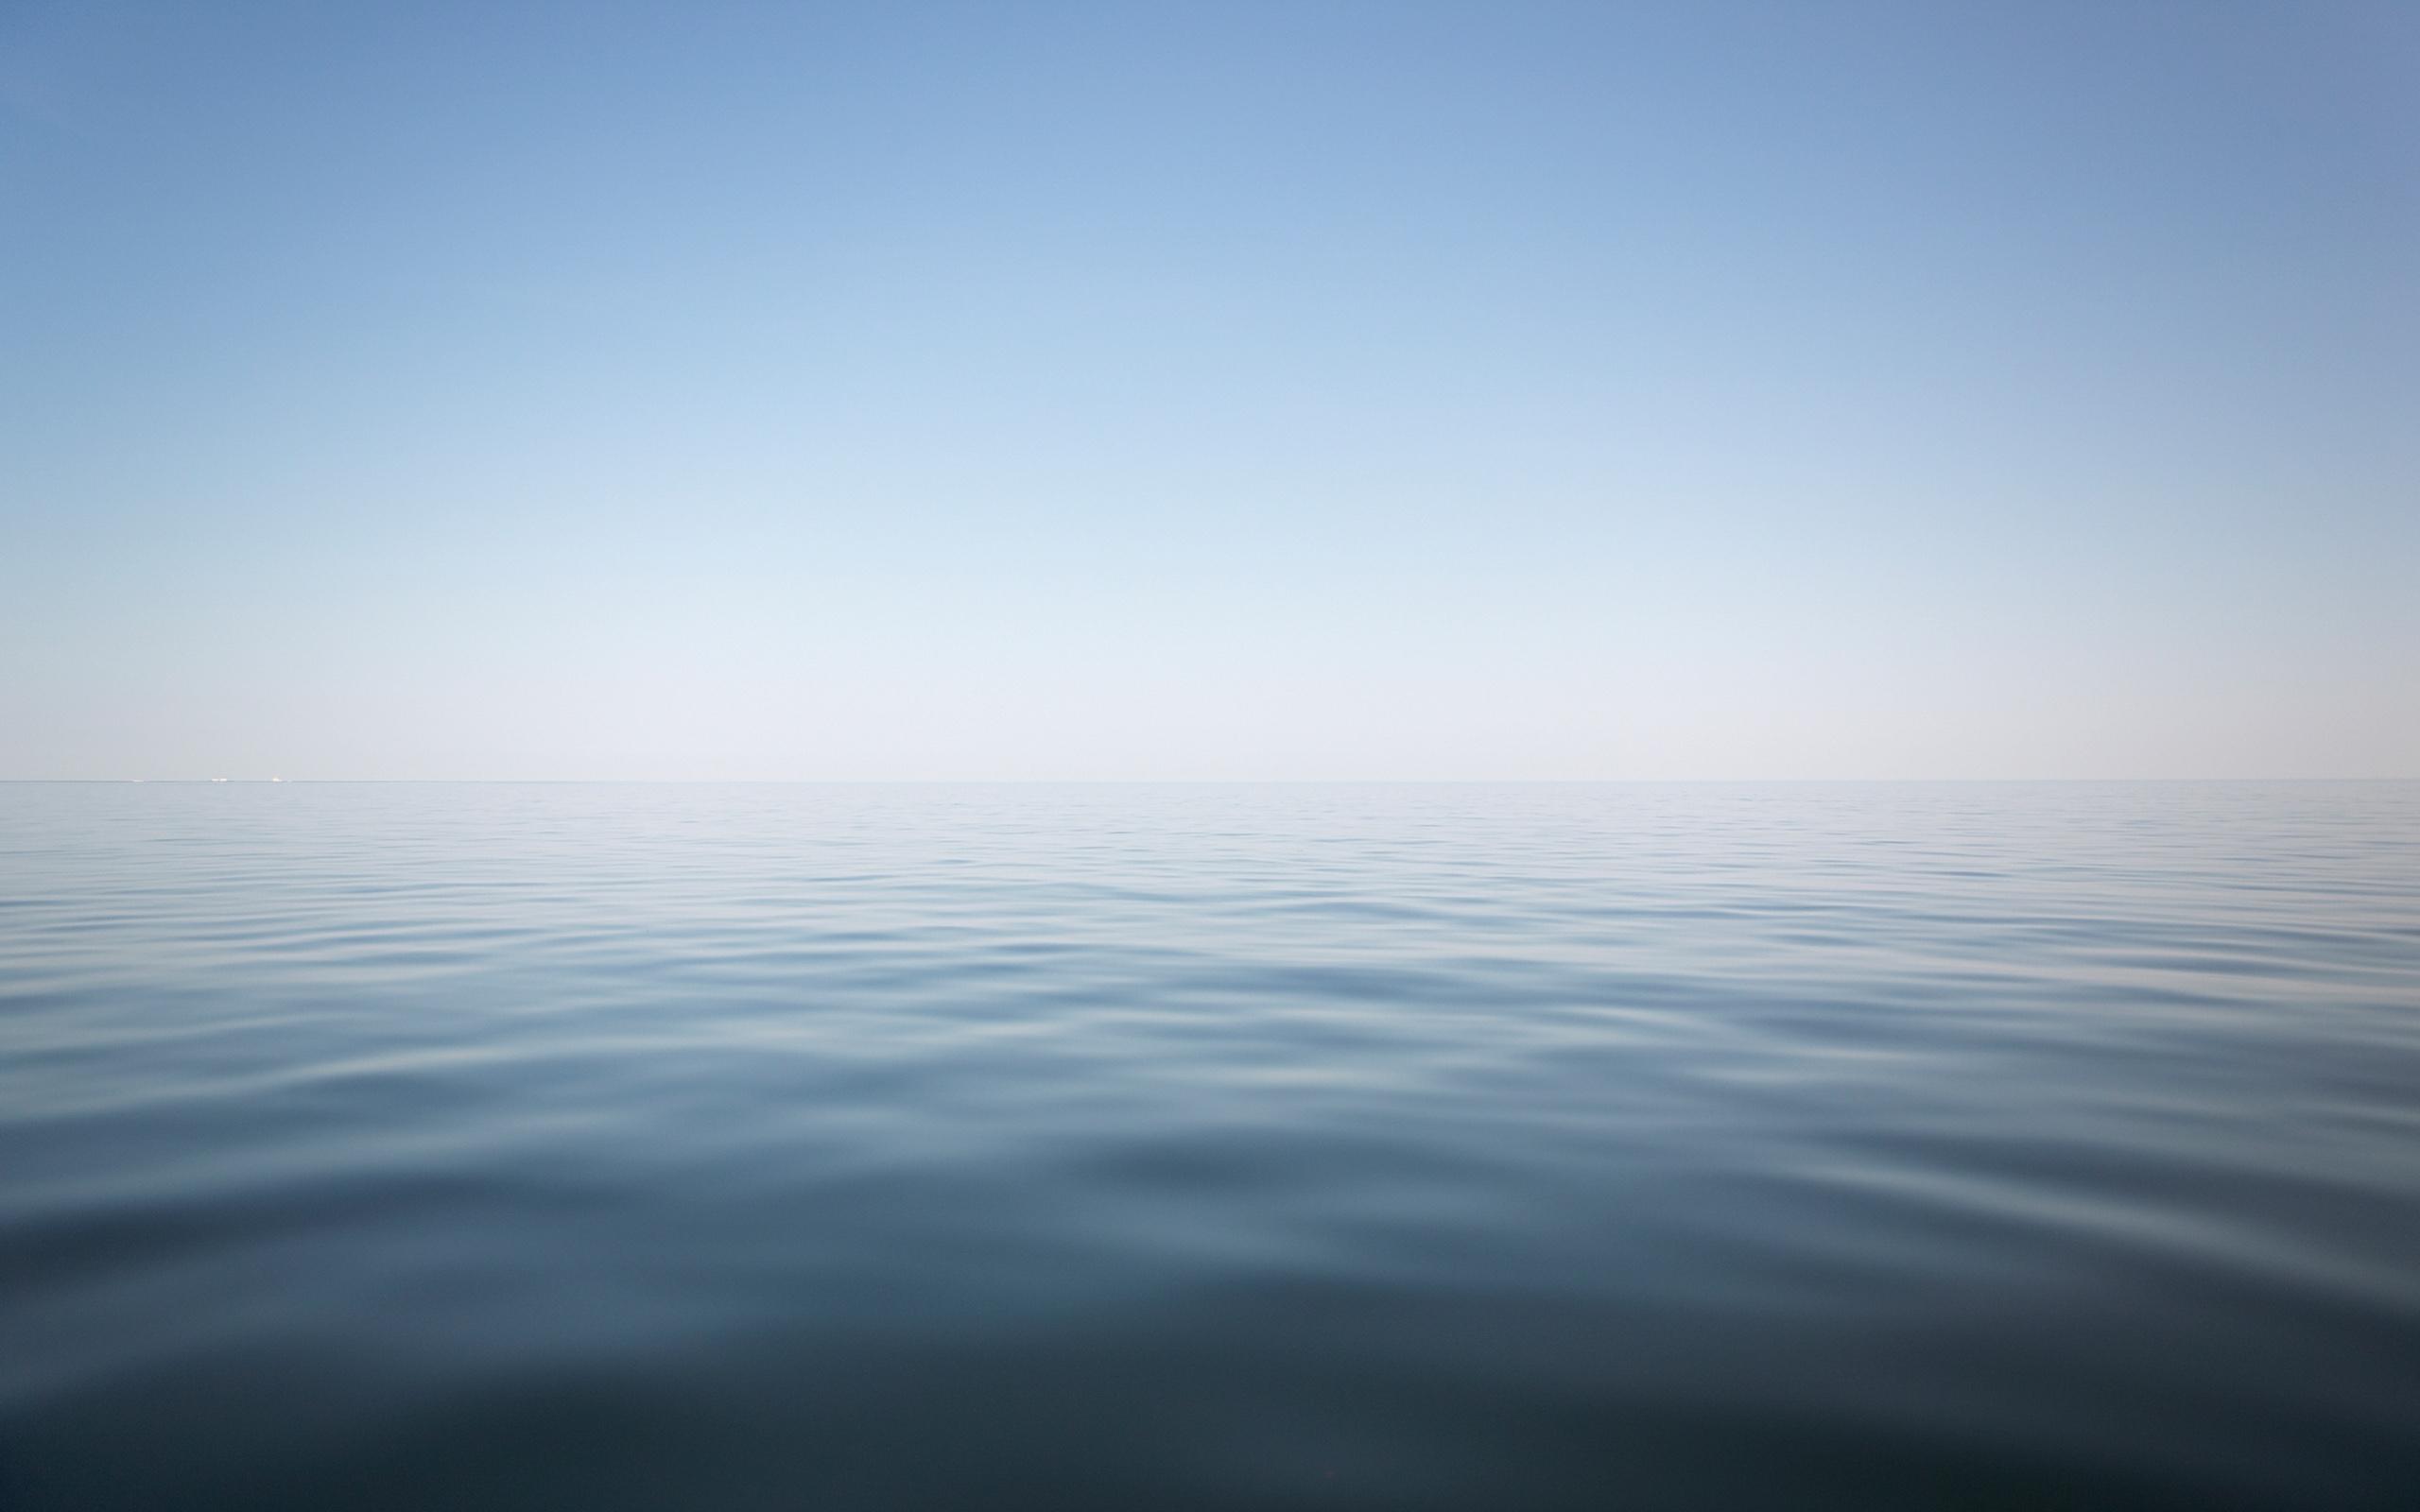 horizon pictures 28833